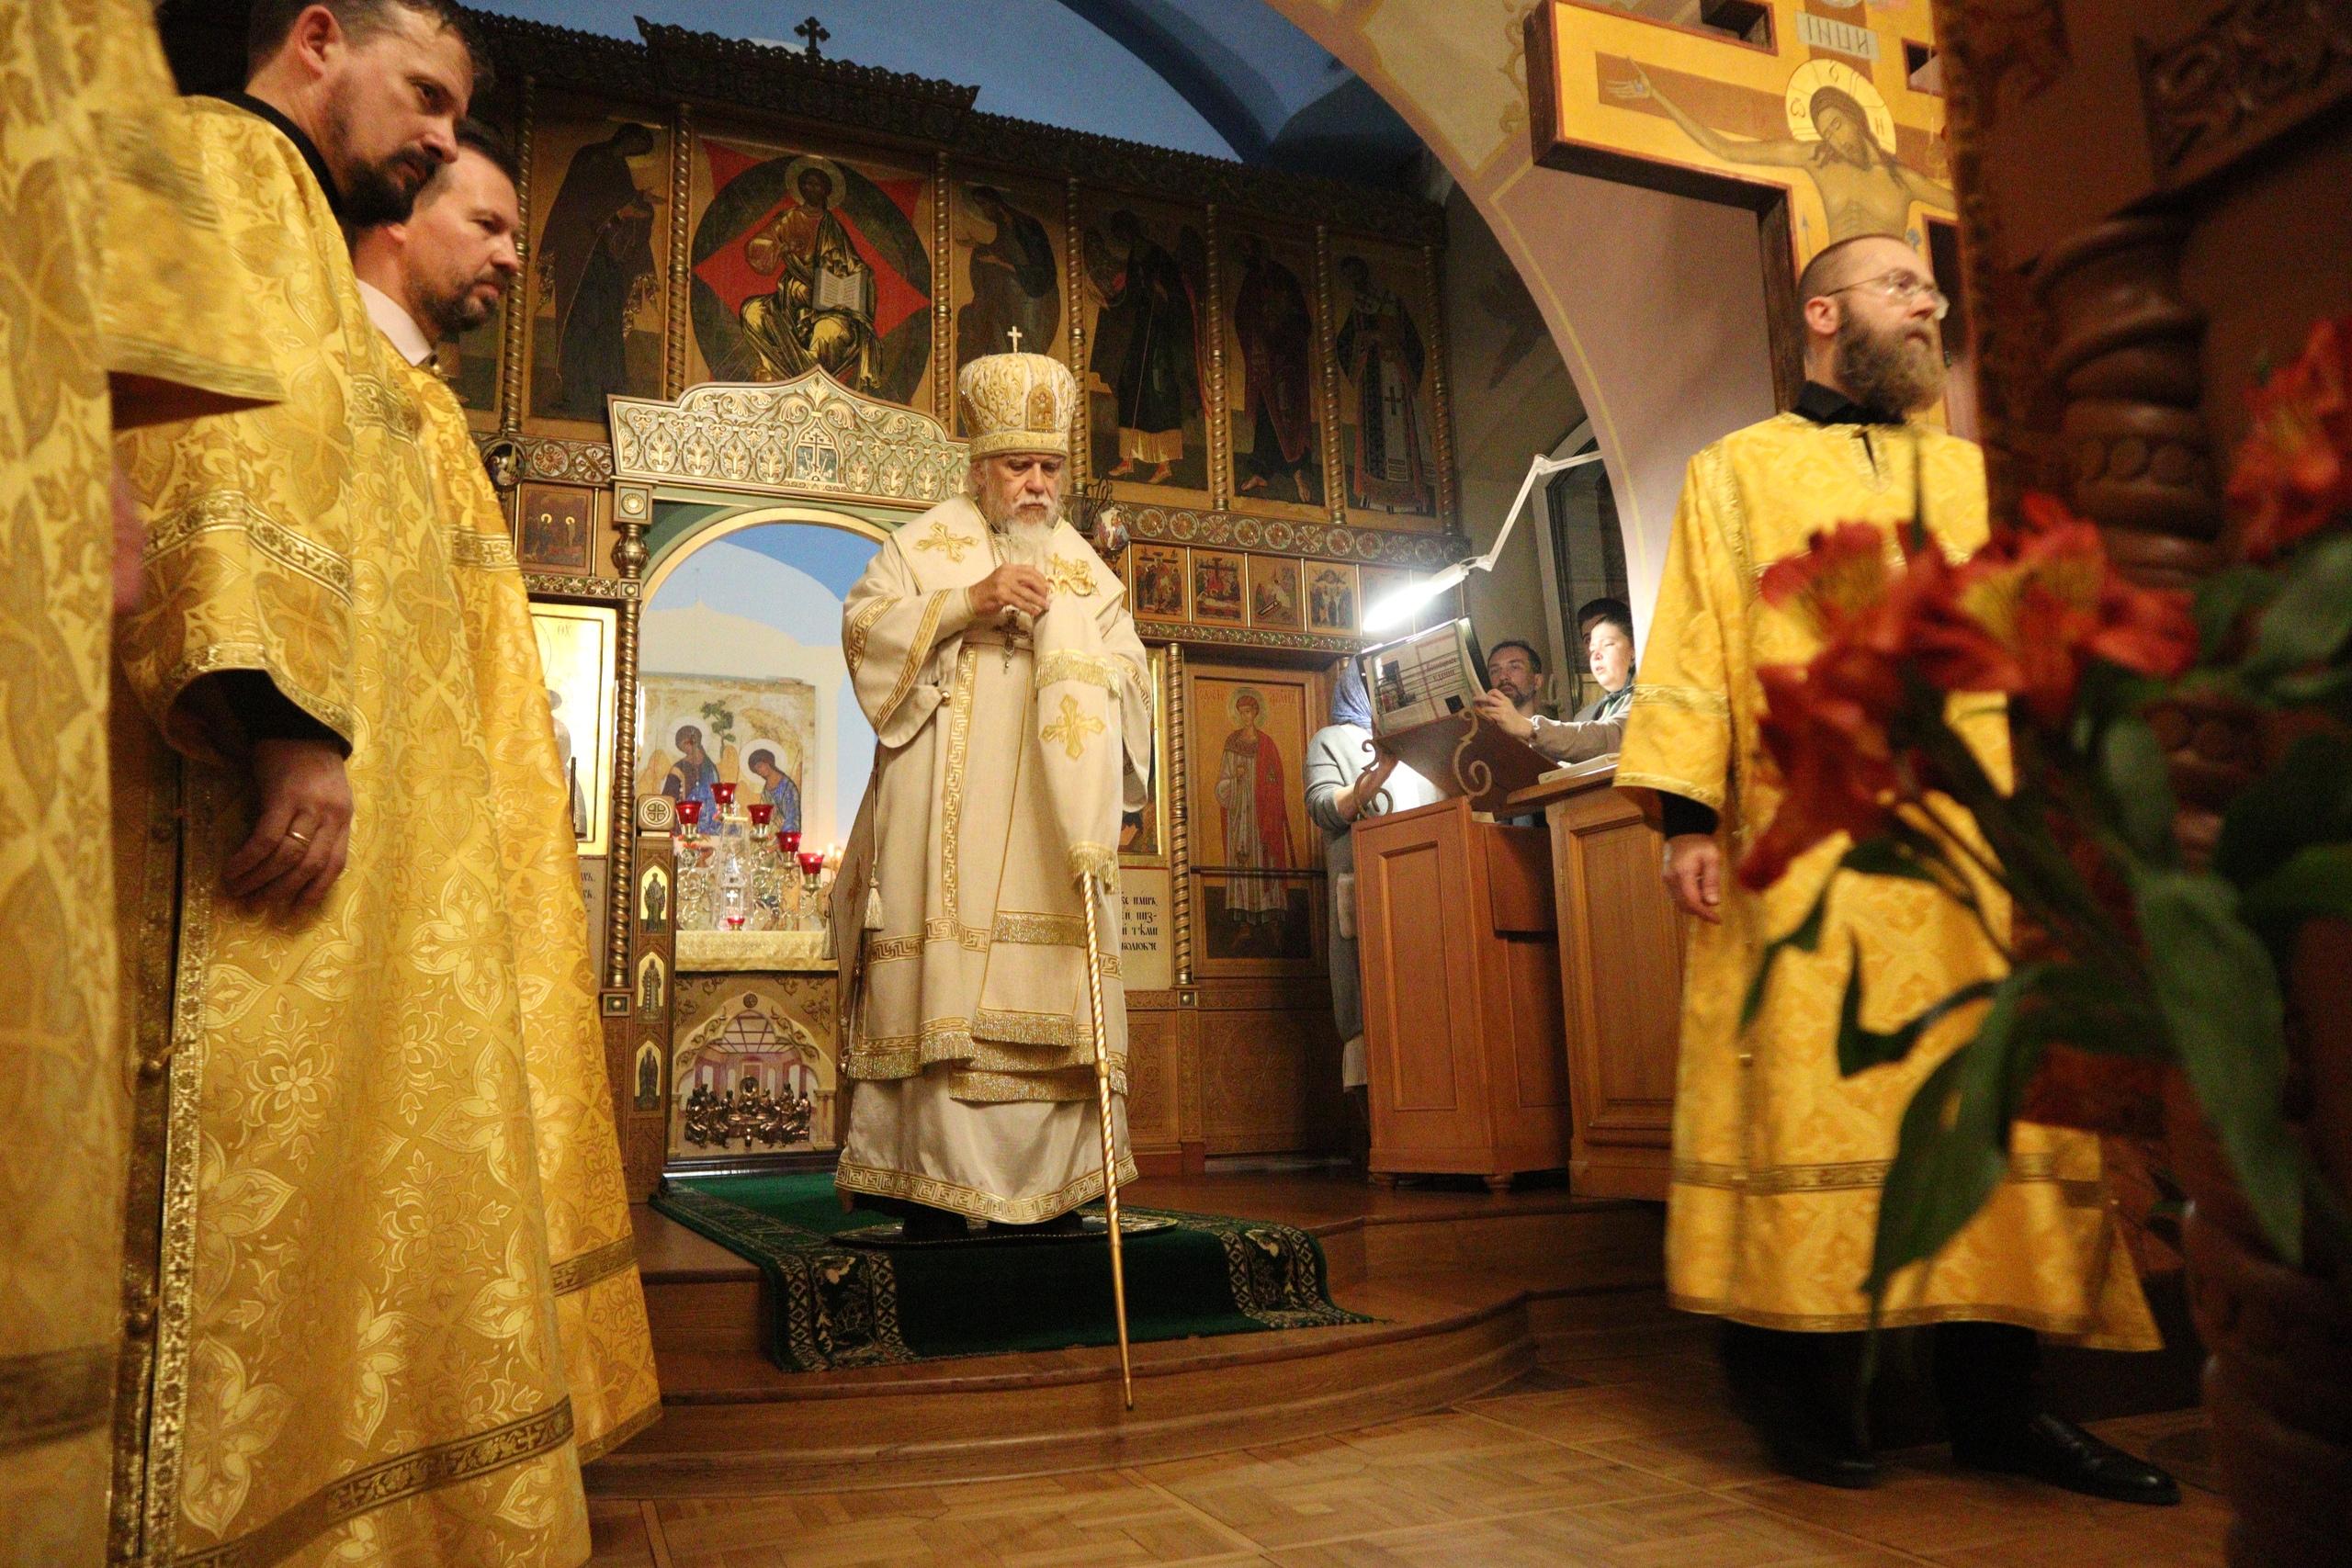 Епископ Пантелеимон: В жизни бывают моменты, когда Господь призывает нас на особое служение